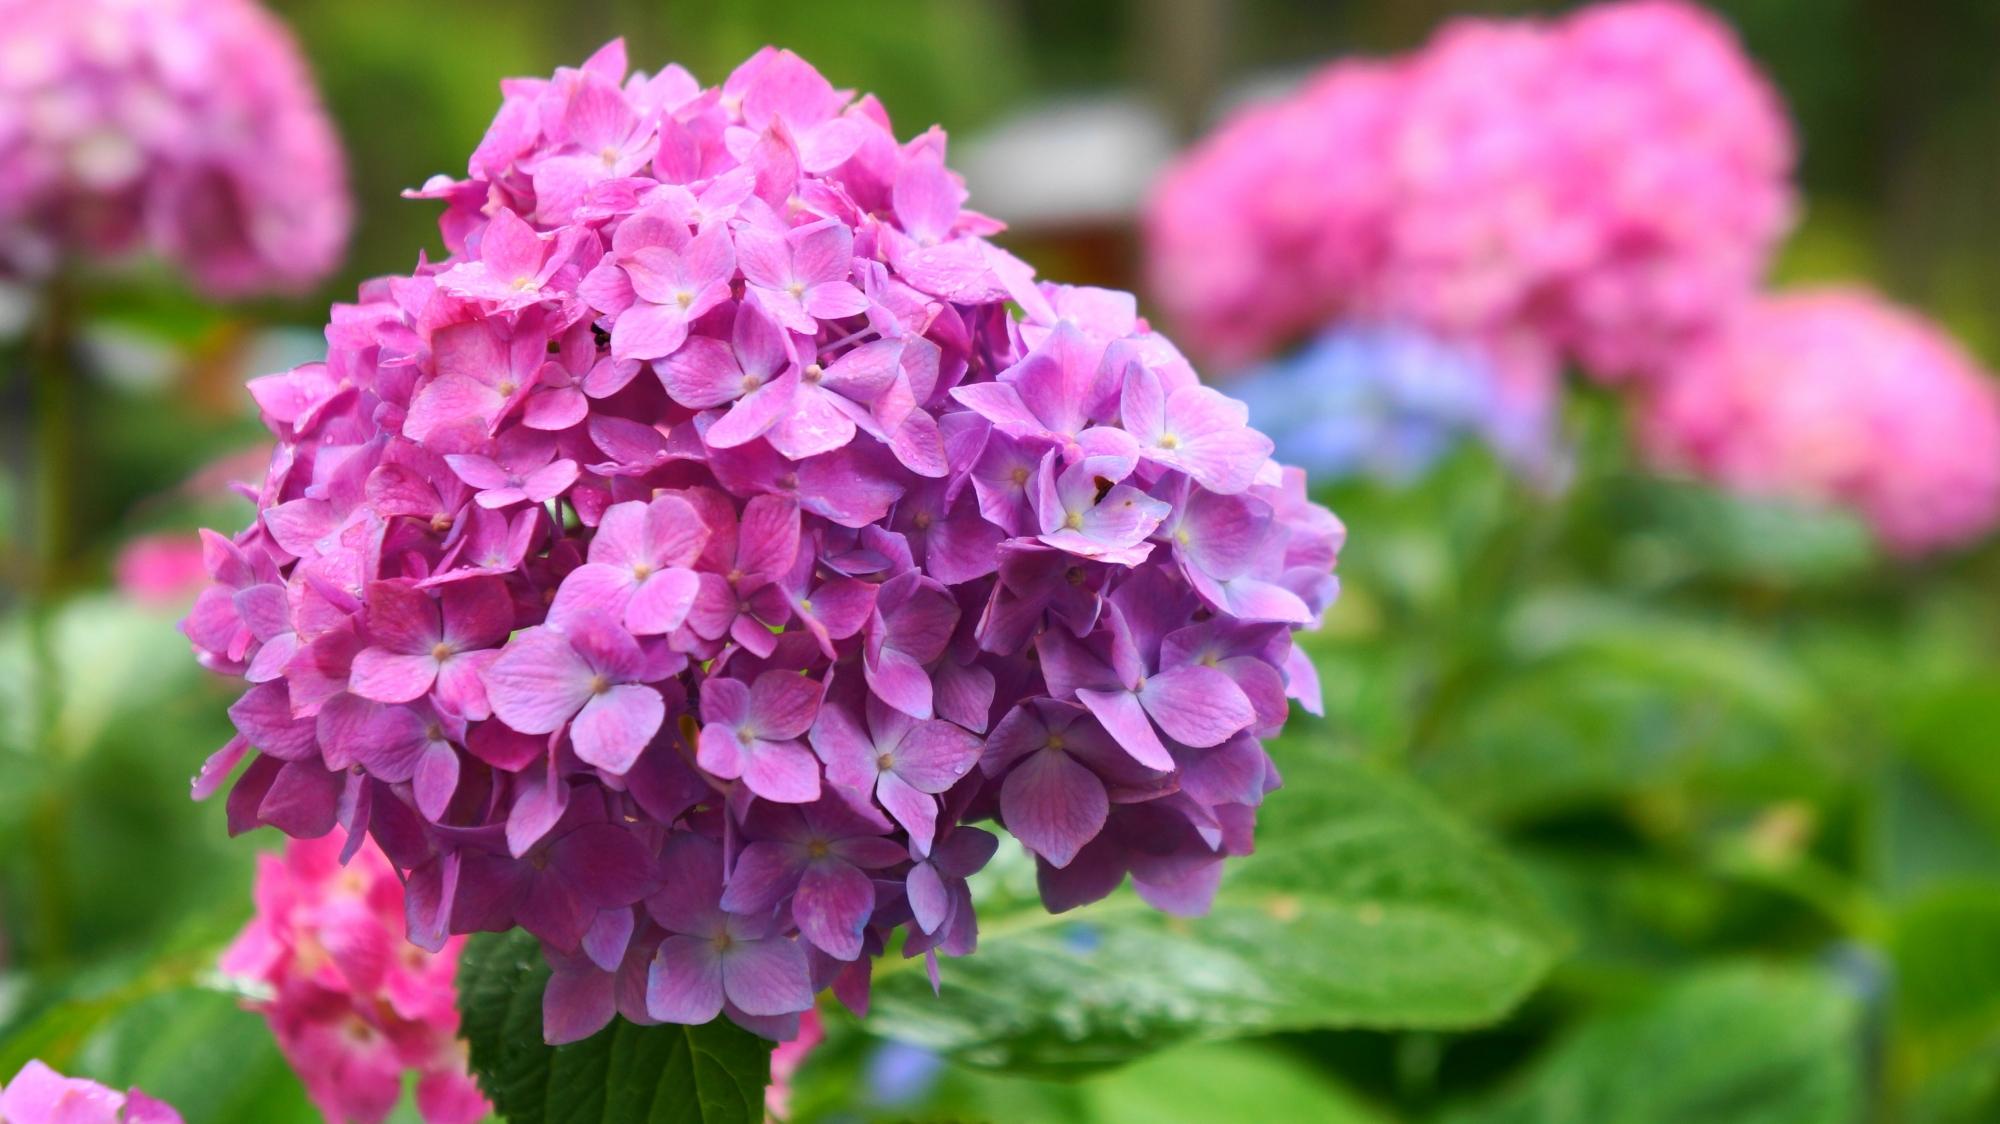 三室戸寺の妖艶な色合いの紫の紫陽花